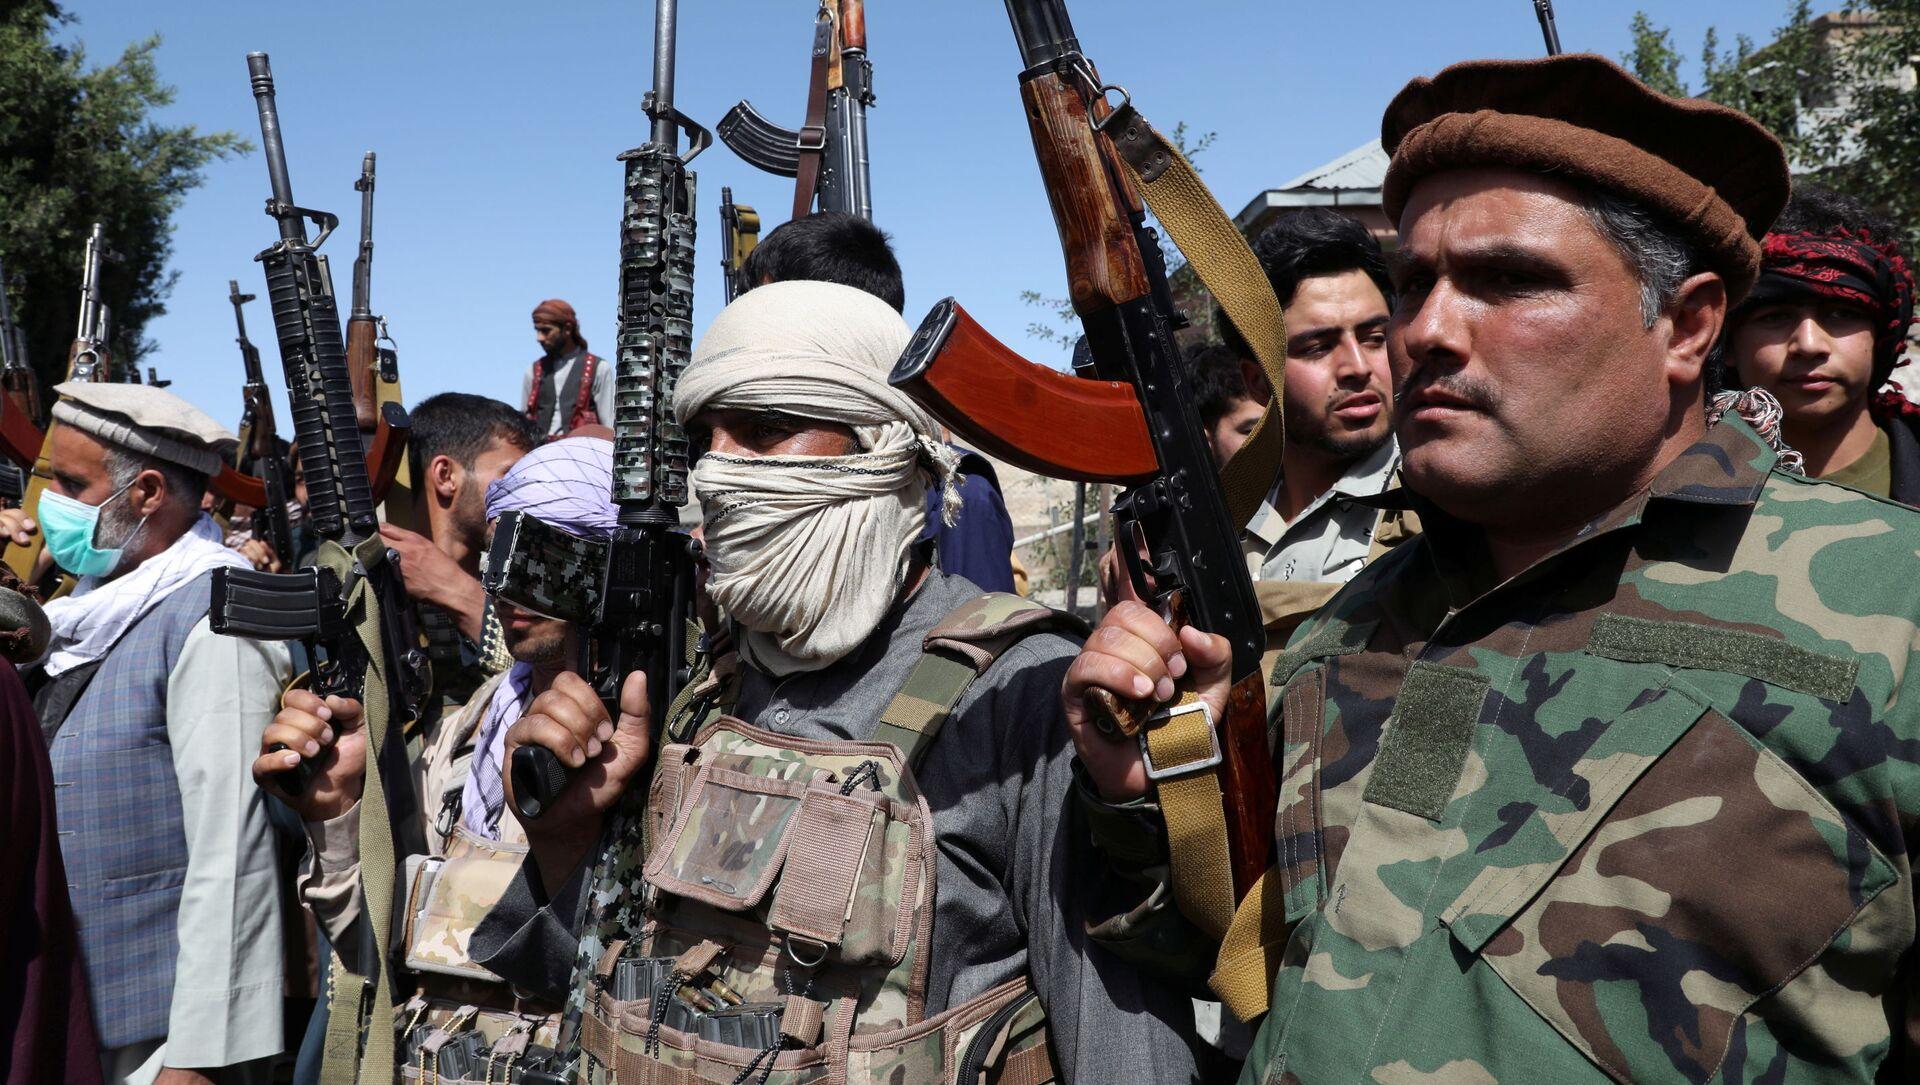 Những người đàn ông có vũ trang tham gia một cuộc tụ họp để tuyên bố ủng hộ lực lượng an ninh Afghanistan và họ sẵn sàng chiến đấu chống lại Taliban, ở ngoại ô Kabul, Afghanistan vào ngày 23 tháng 6 năm 2021. - Sputnik Việt Nam, 1920, 13.08.2021